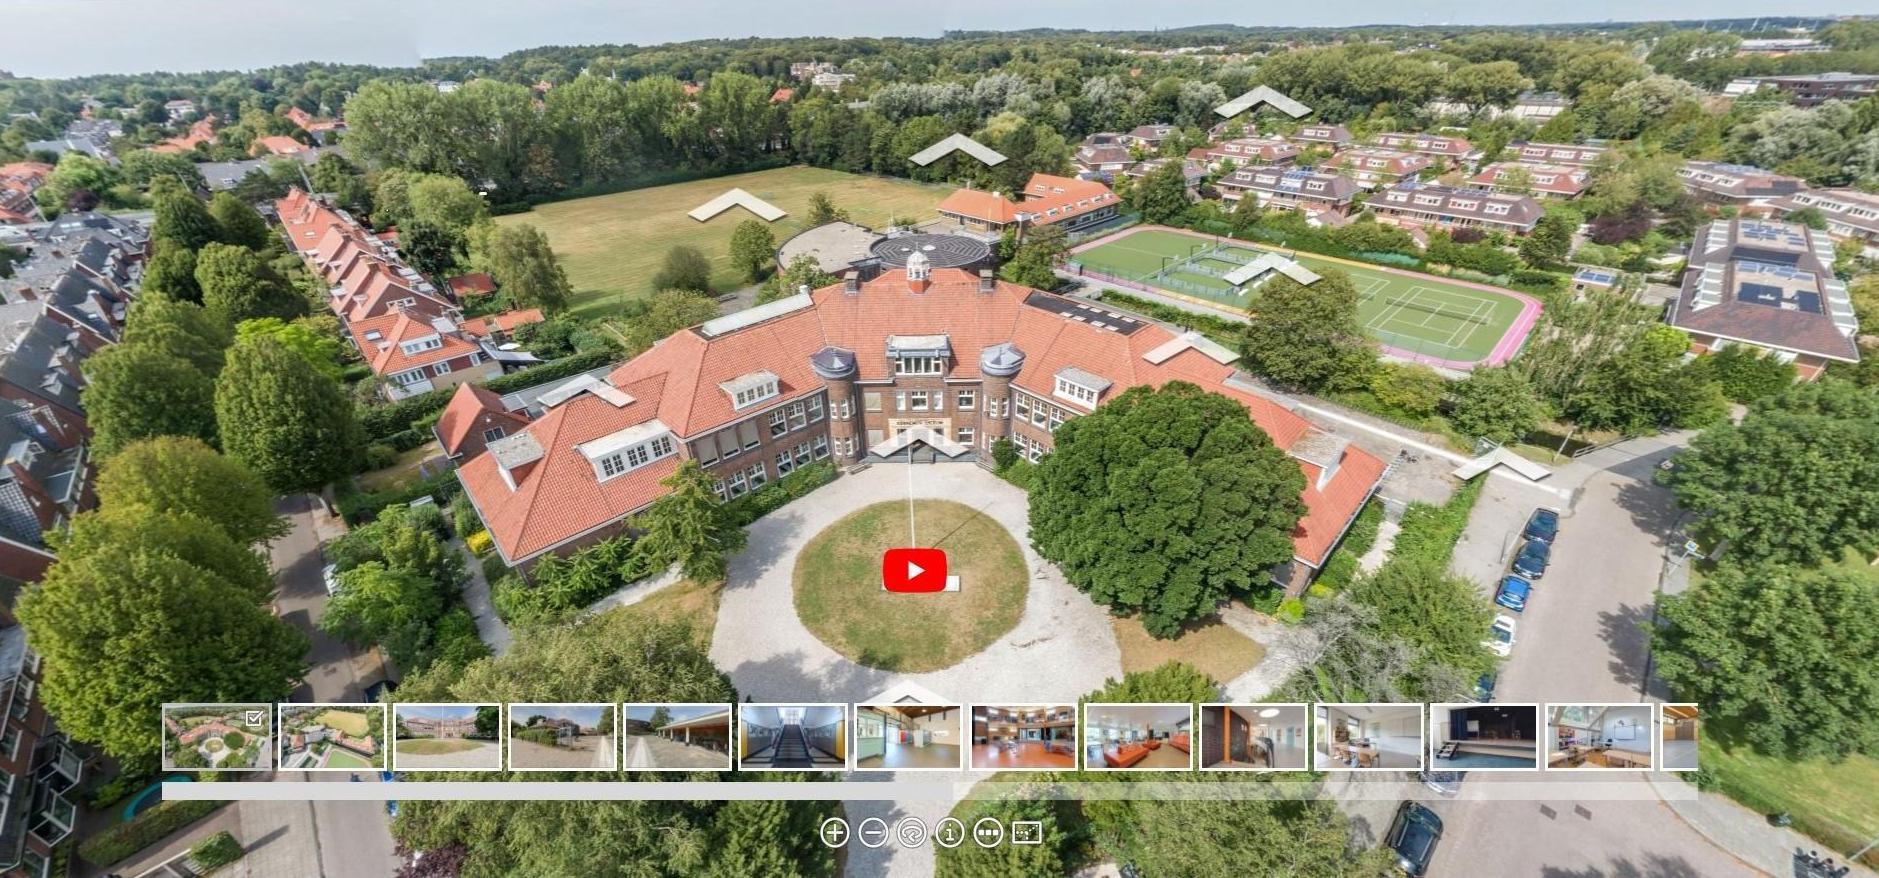 Kennemer Lyceum in Overveen biedt virtueel inkijkje in de dagelijkse praktijk van de school [video]